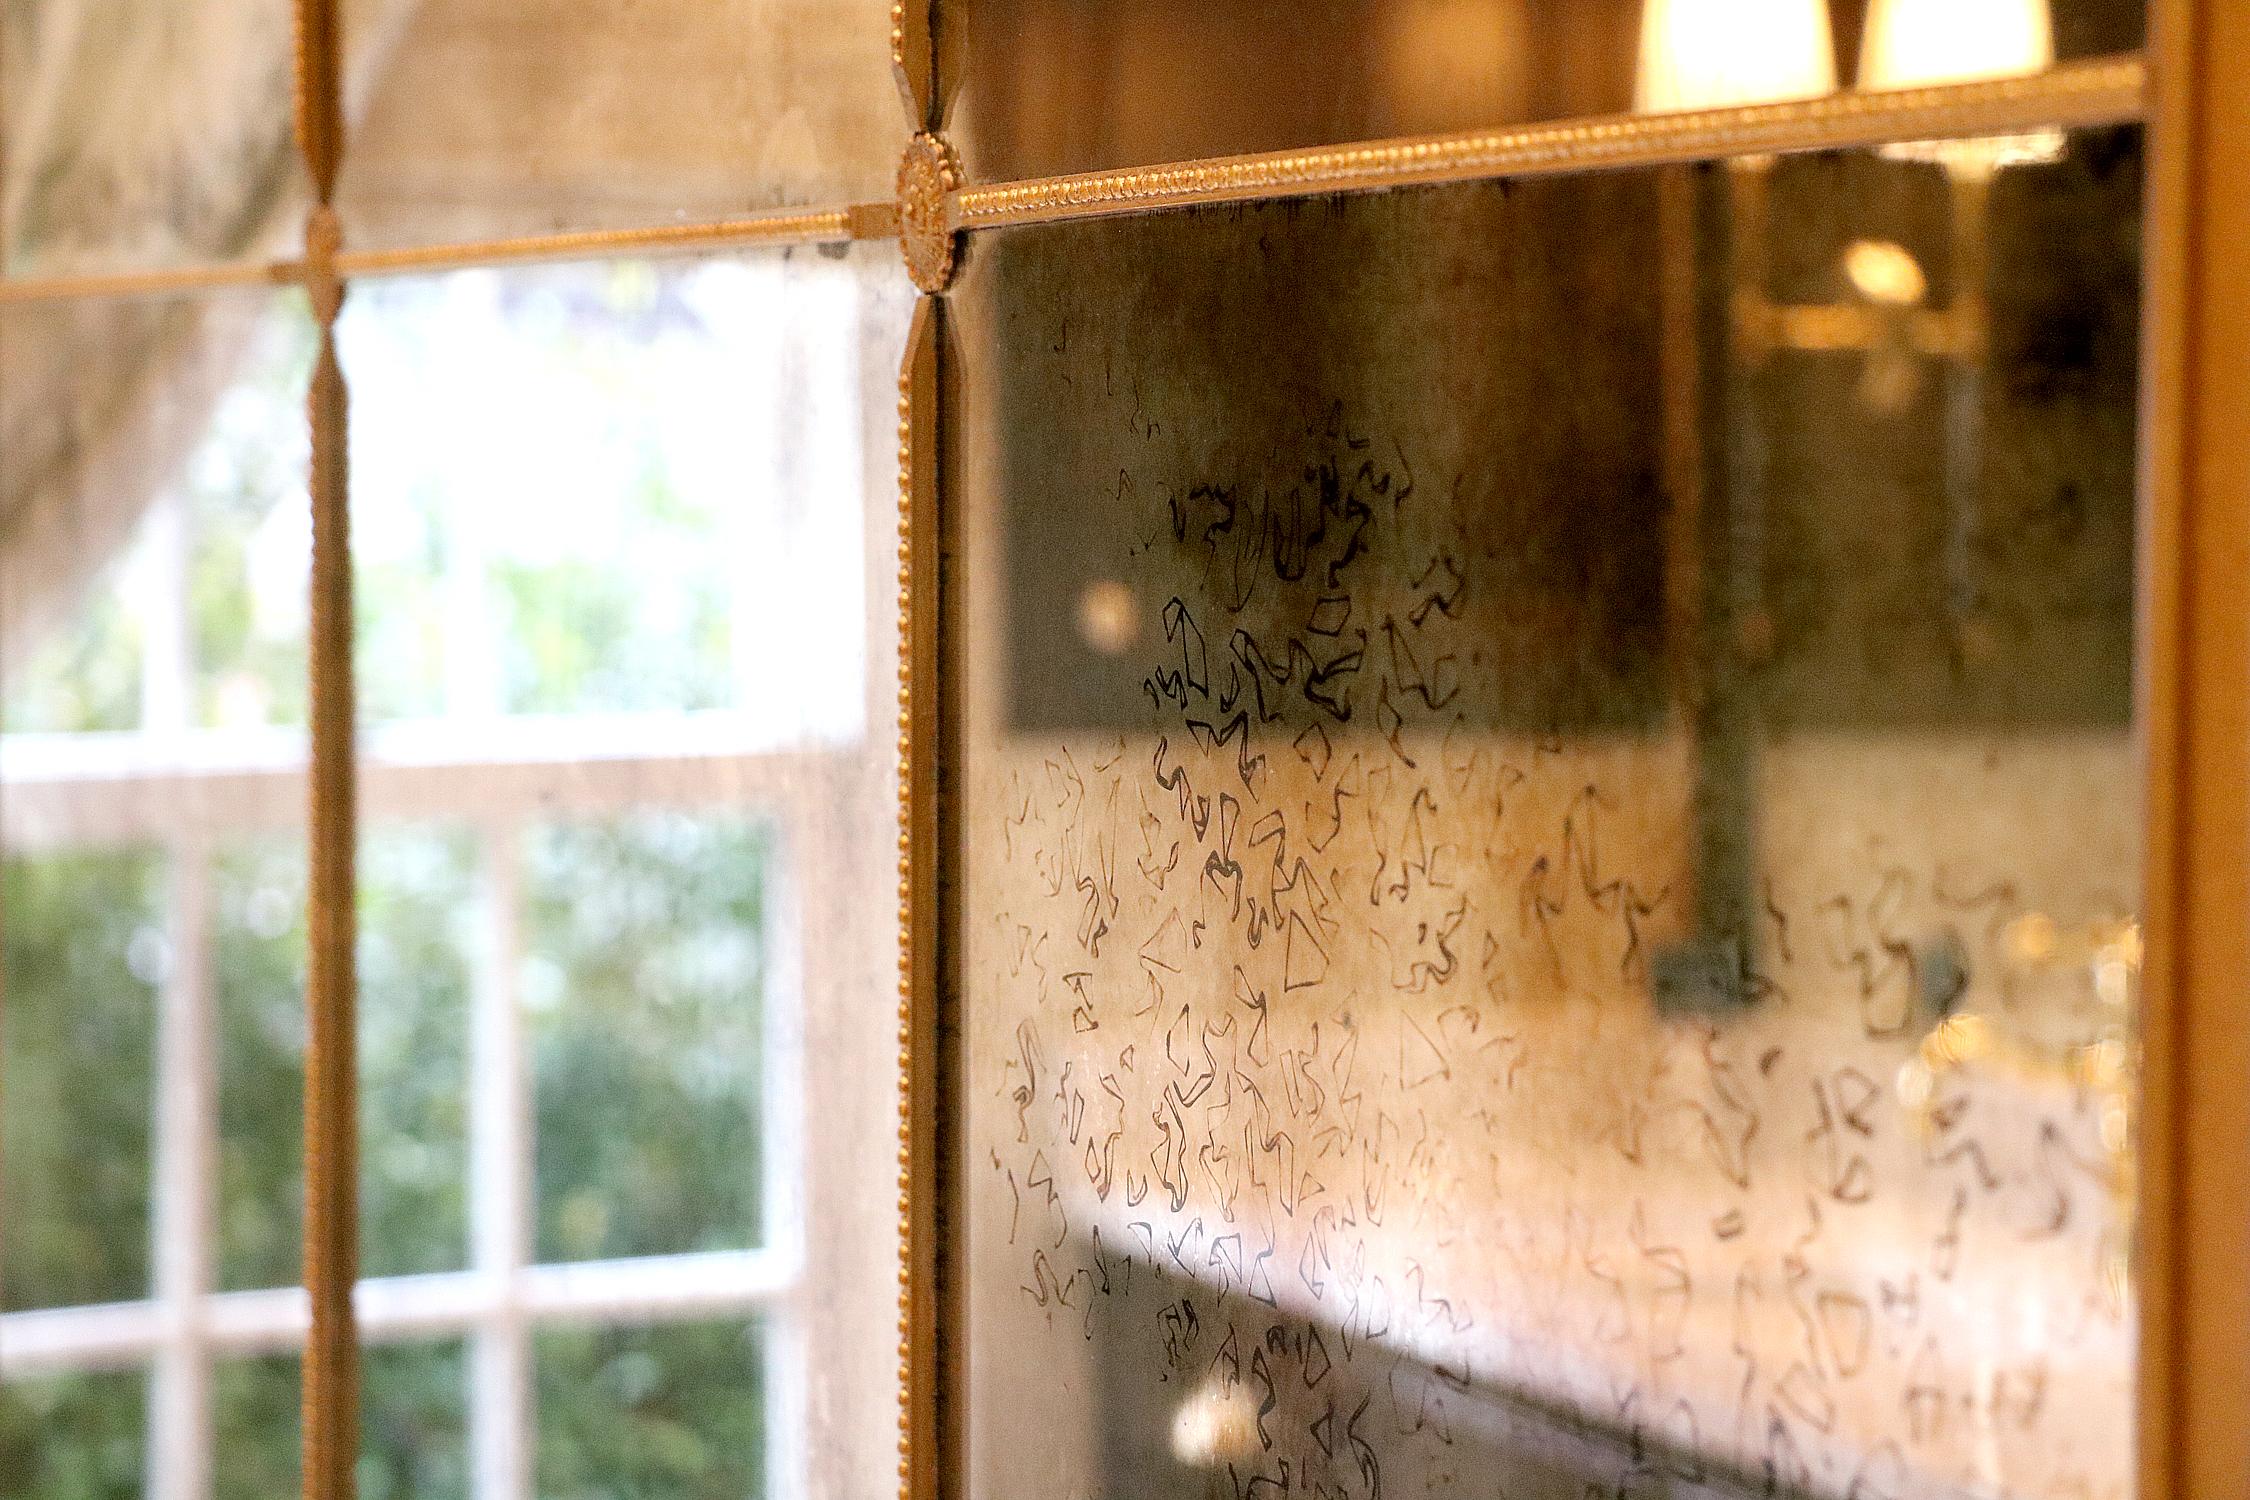 needham antiqued mirror 4